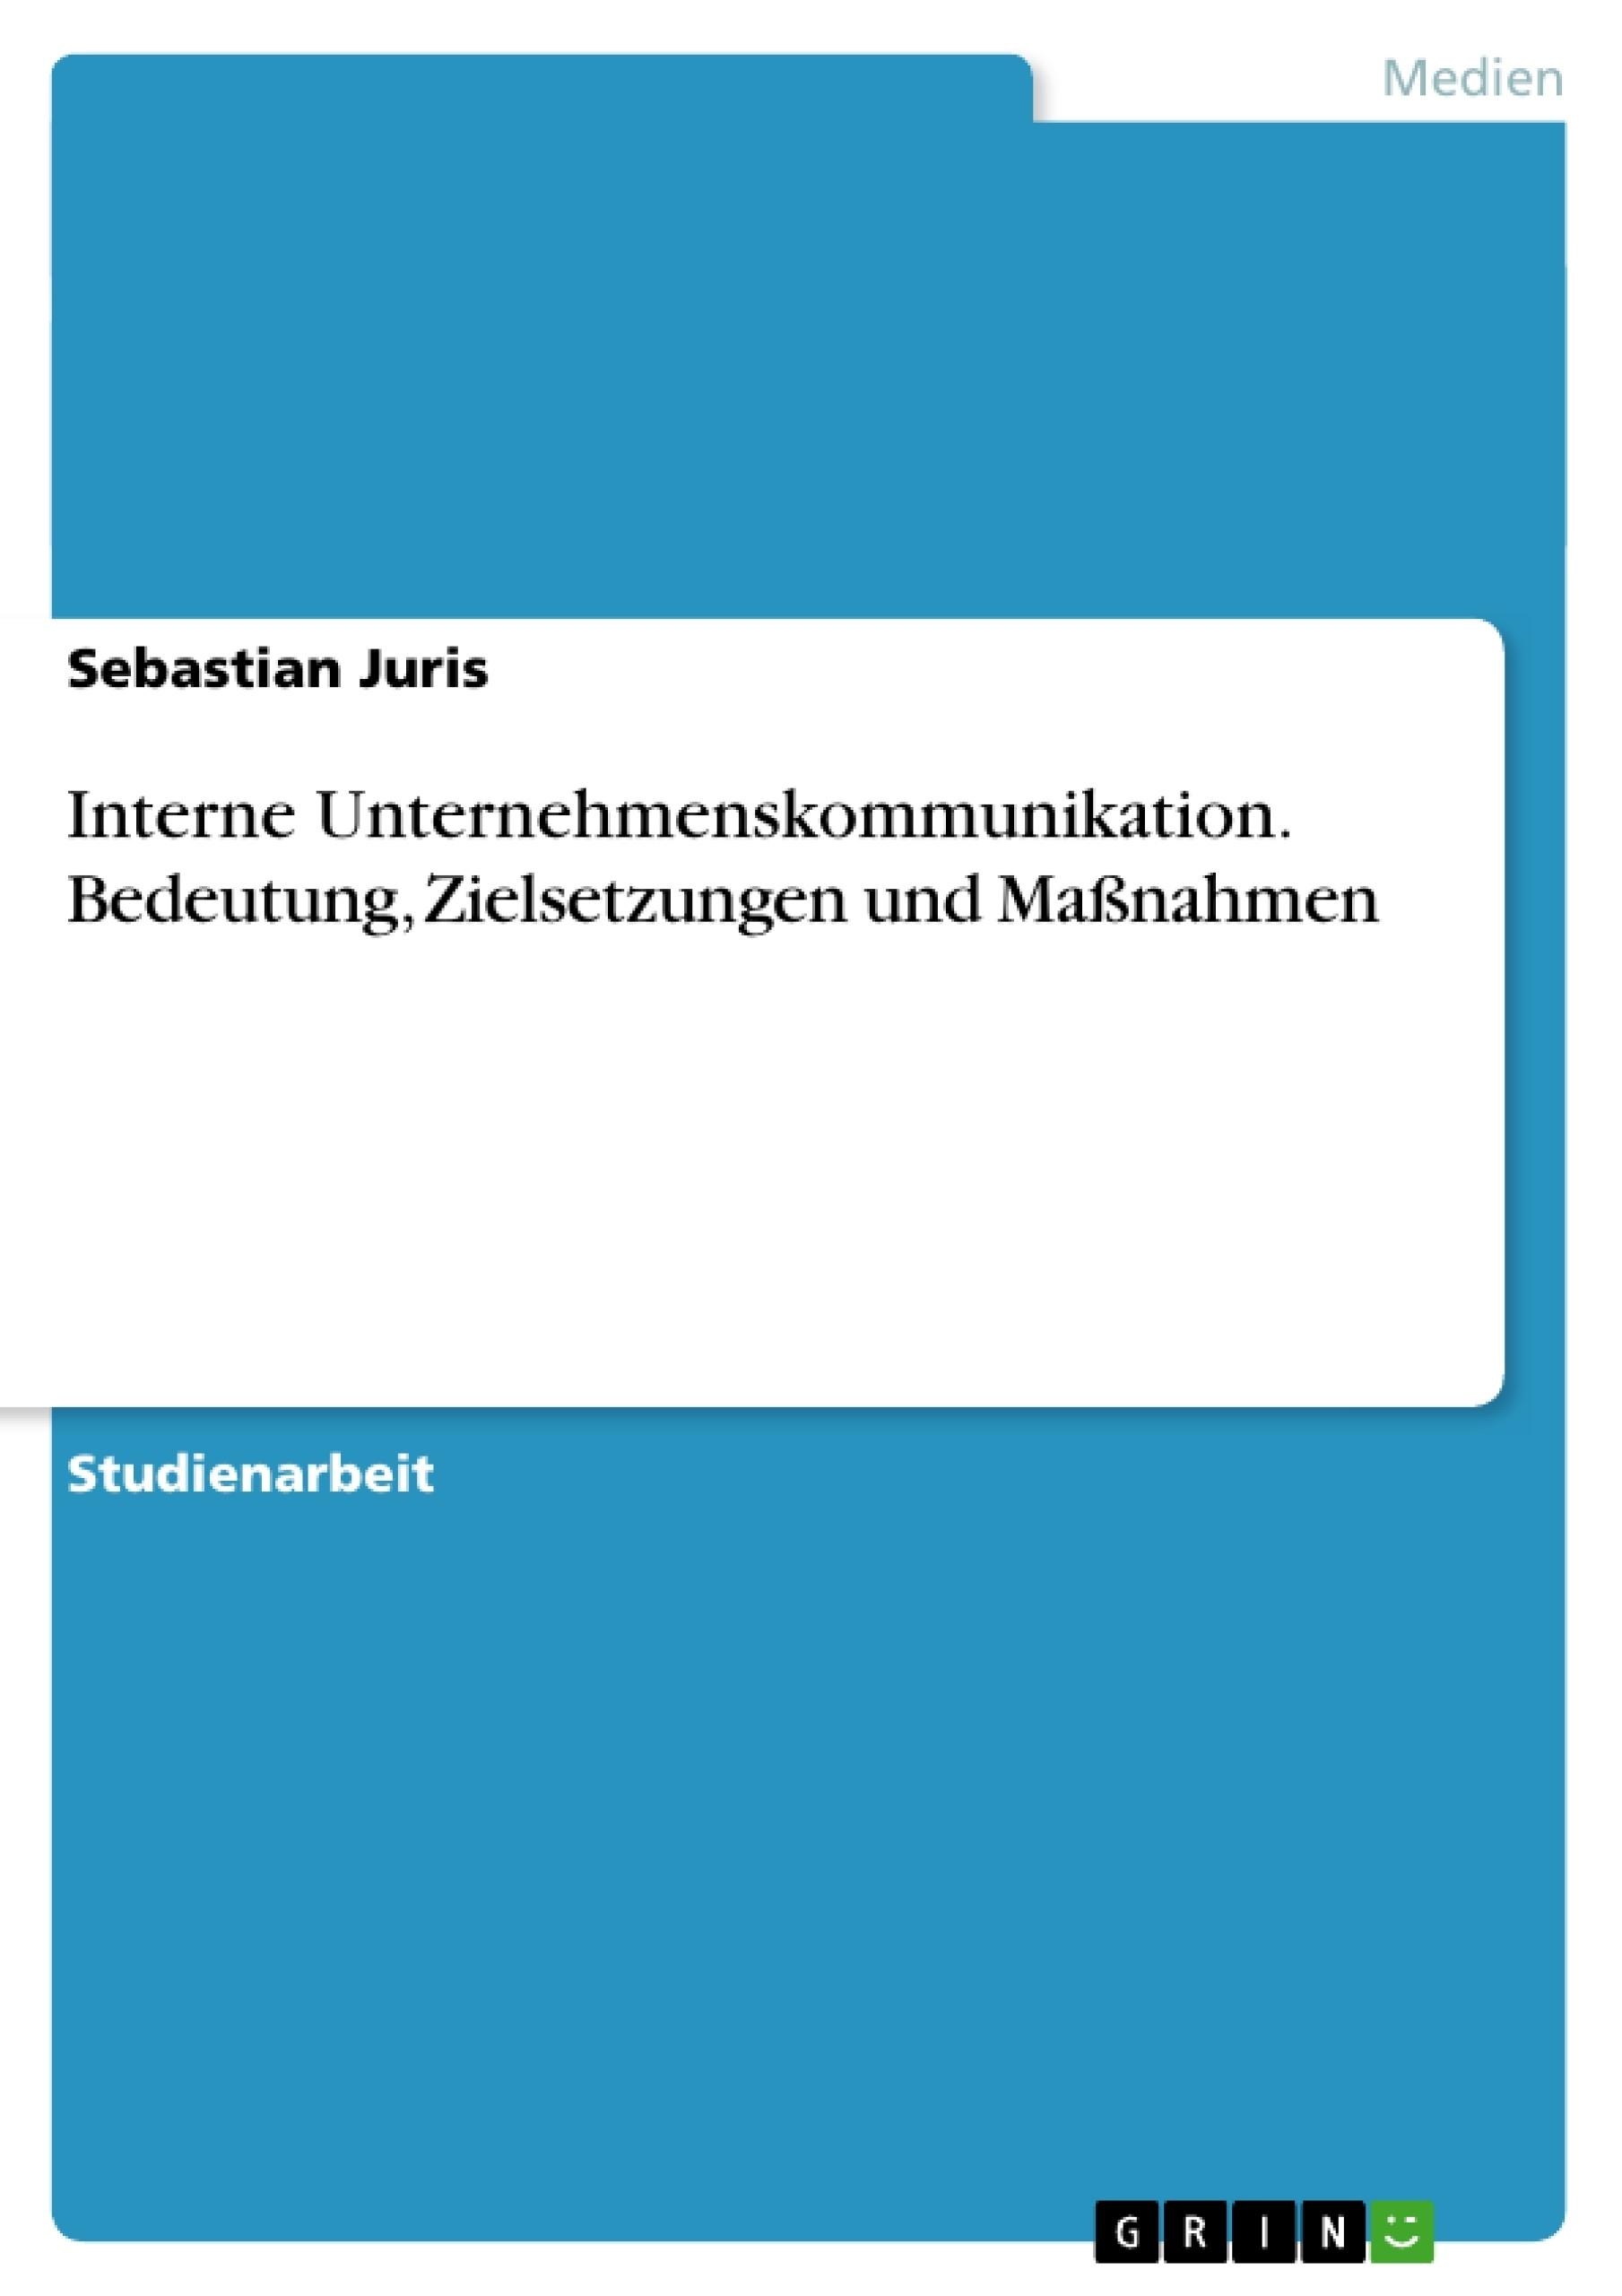 Titel: Interne Unternehmenskommunikation. Bedeutung, Zielsetzungen und Maßnahmen